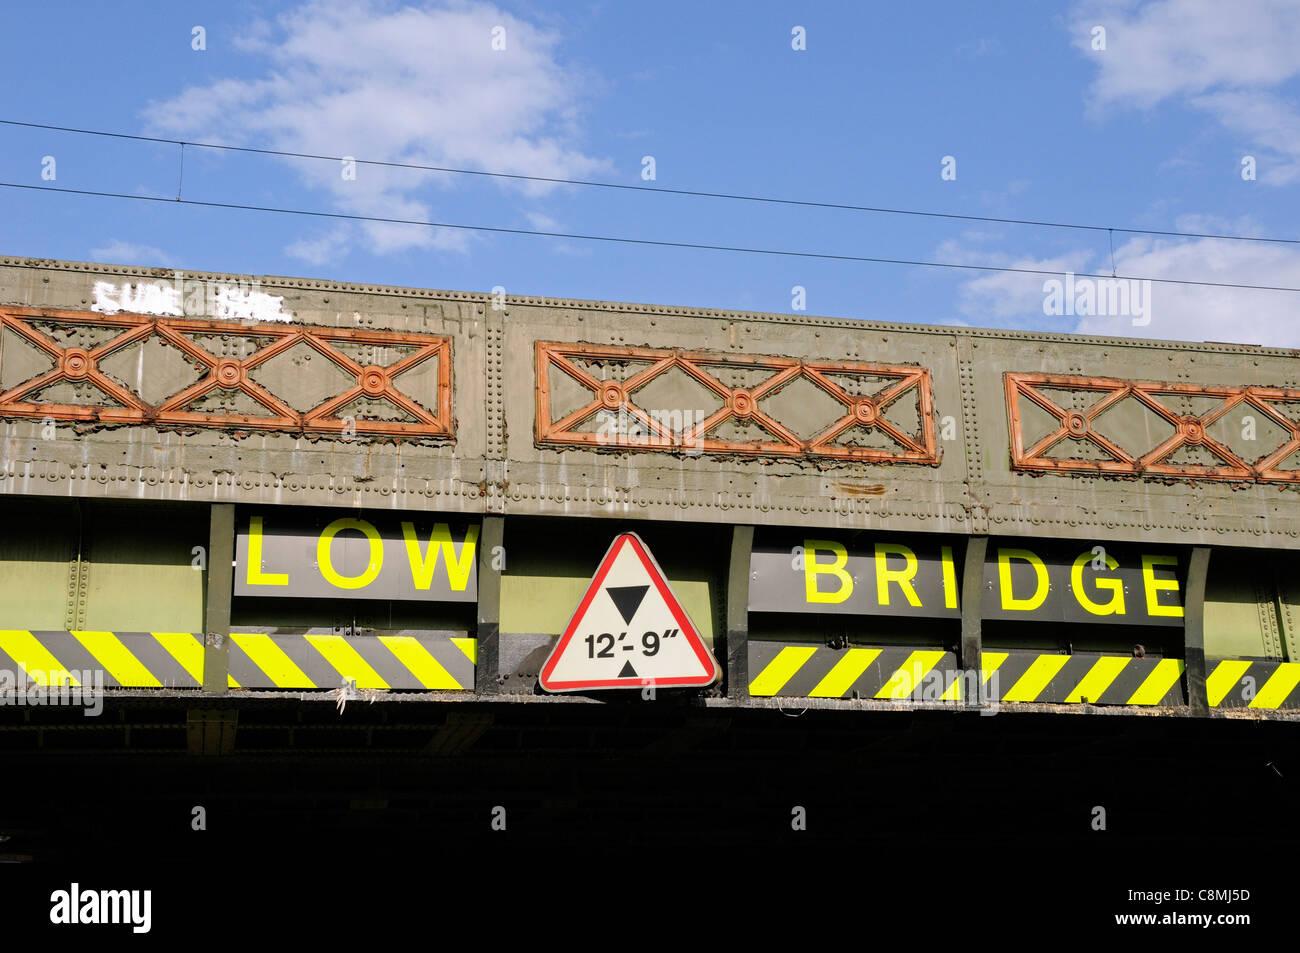 Pont faible signe sur pont avec restriction hight montrant Finsbury Park, London England UK Photo Stock